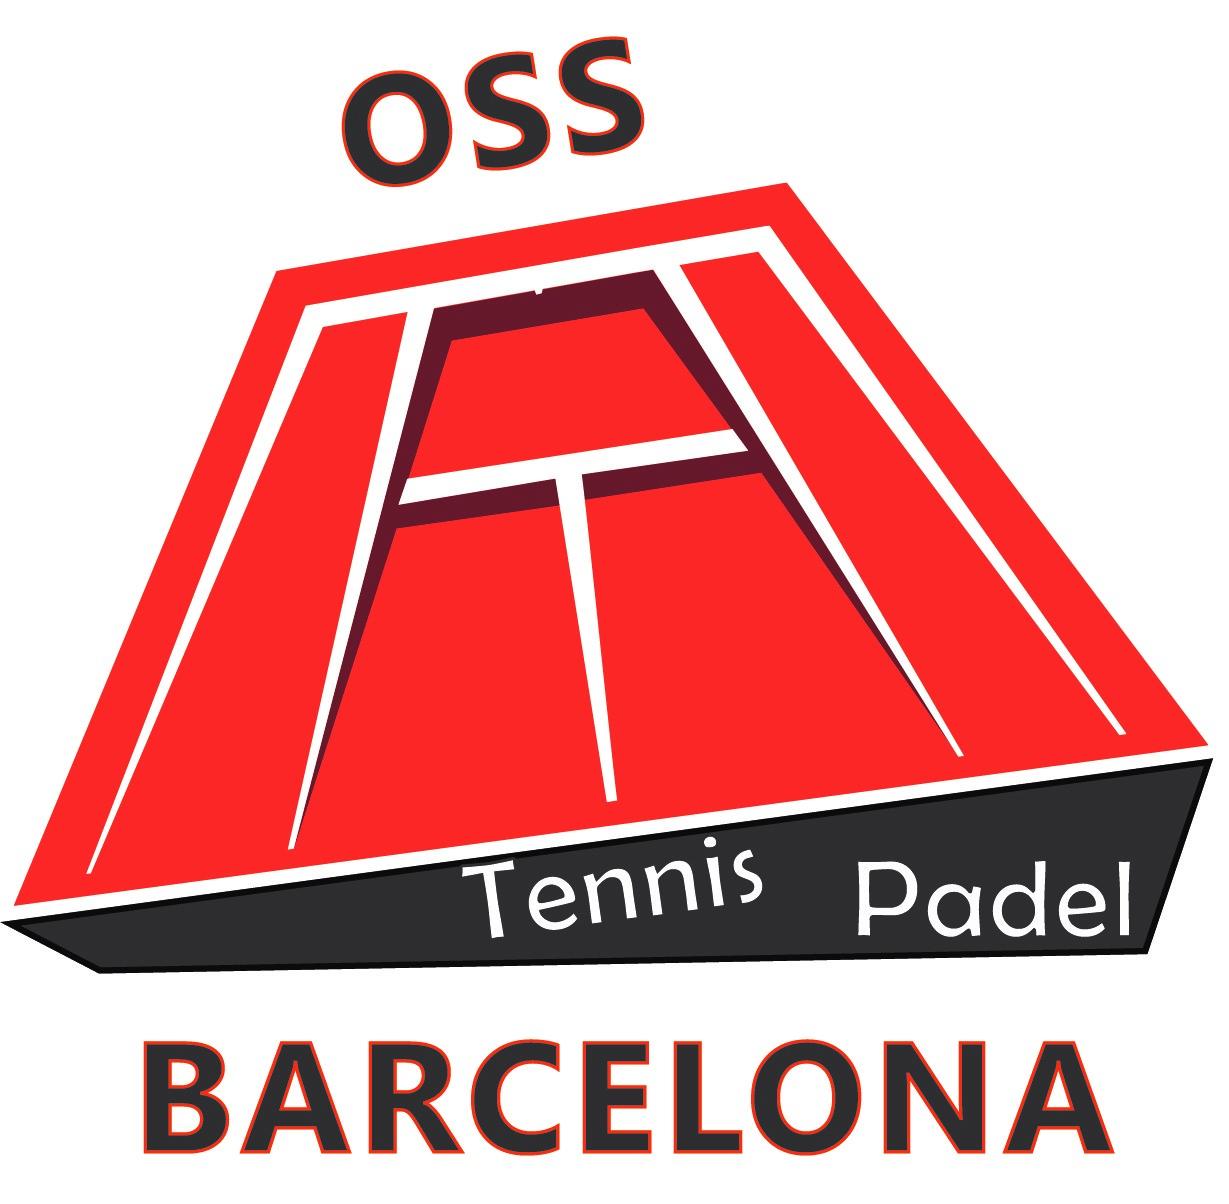 巴塞罗那OSS:一个成功的夏天